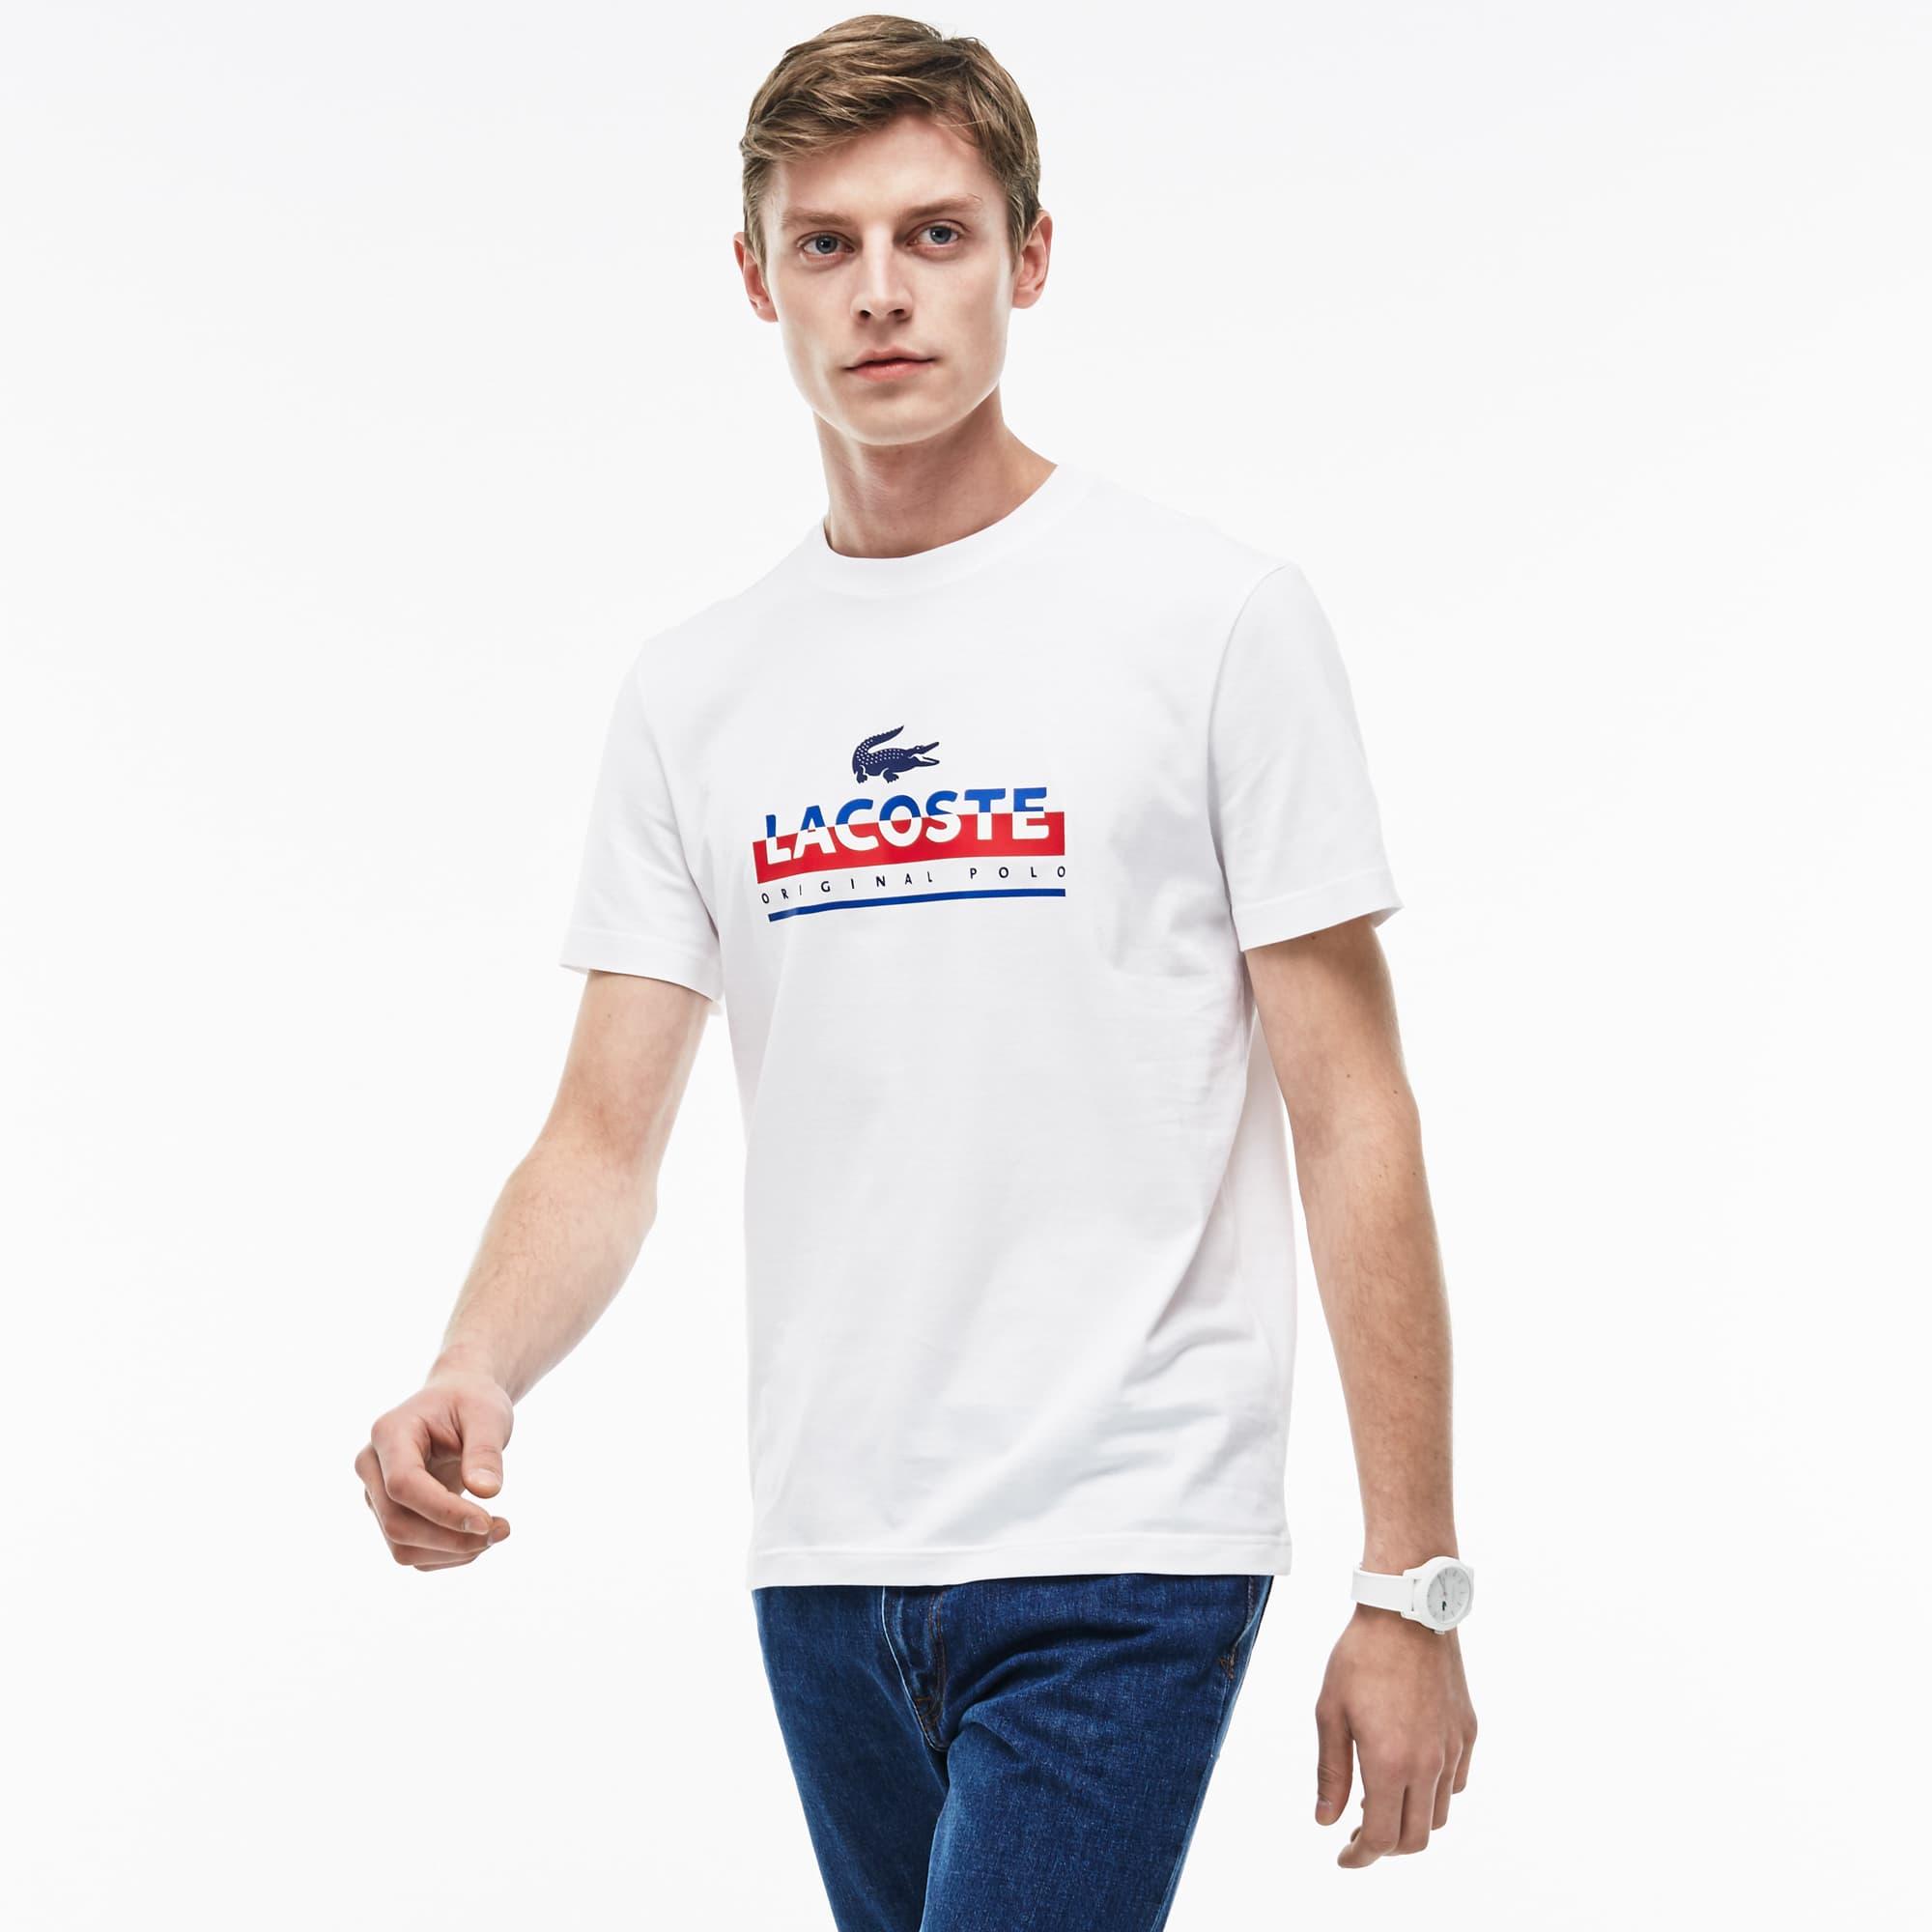 Herren-Rundhals-Shirt aus Jersey mit Schriftzug